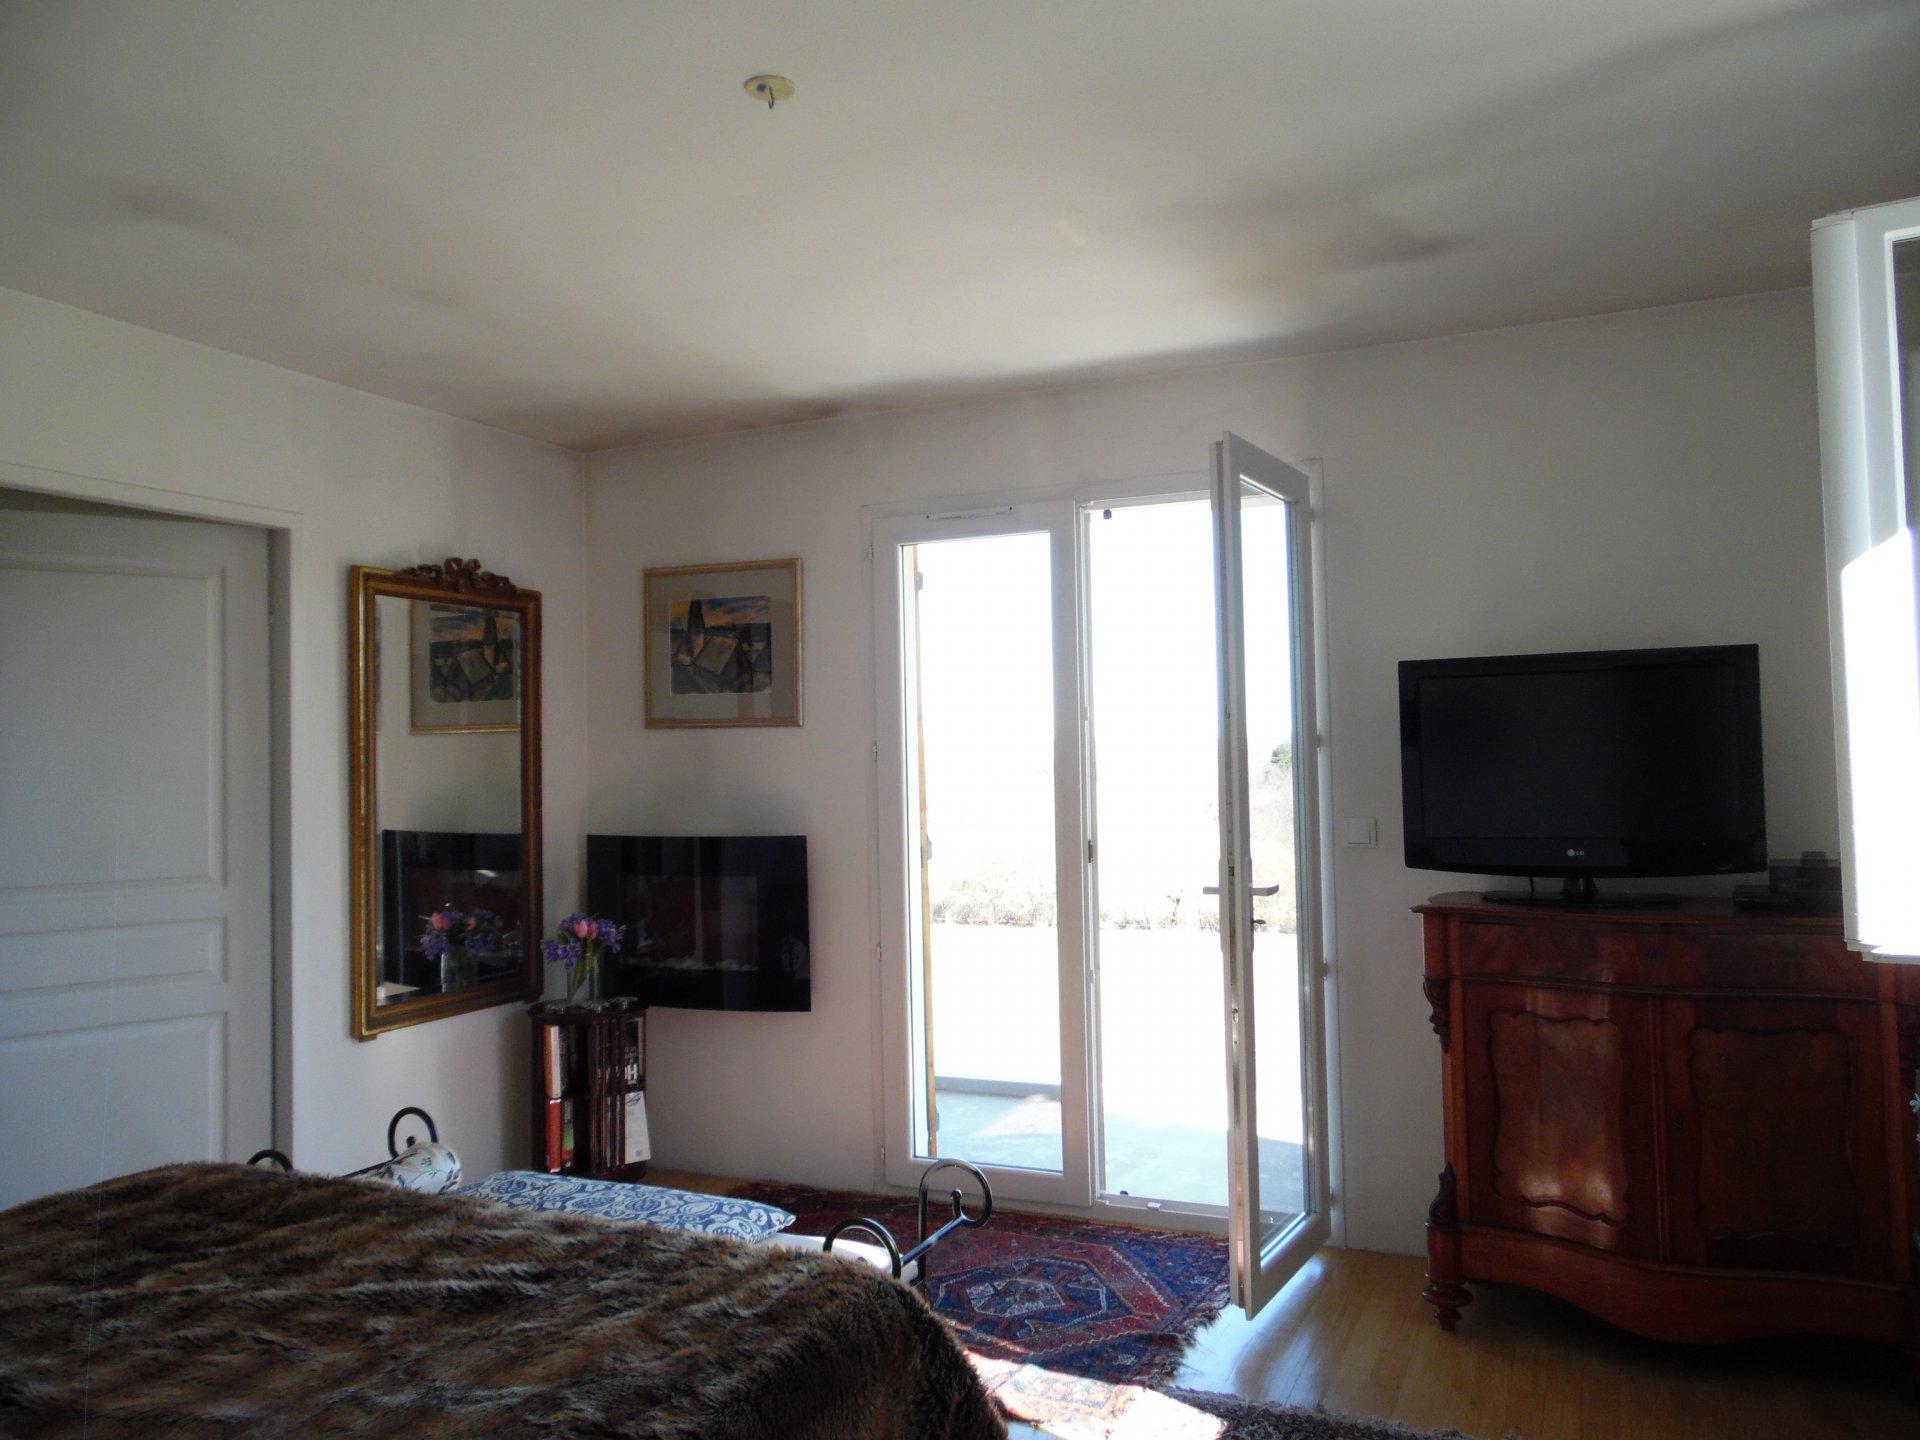 A vendre à Auzances, maison neuve, garage double, jardin et vue.